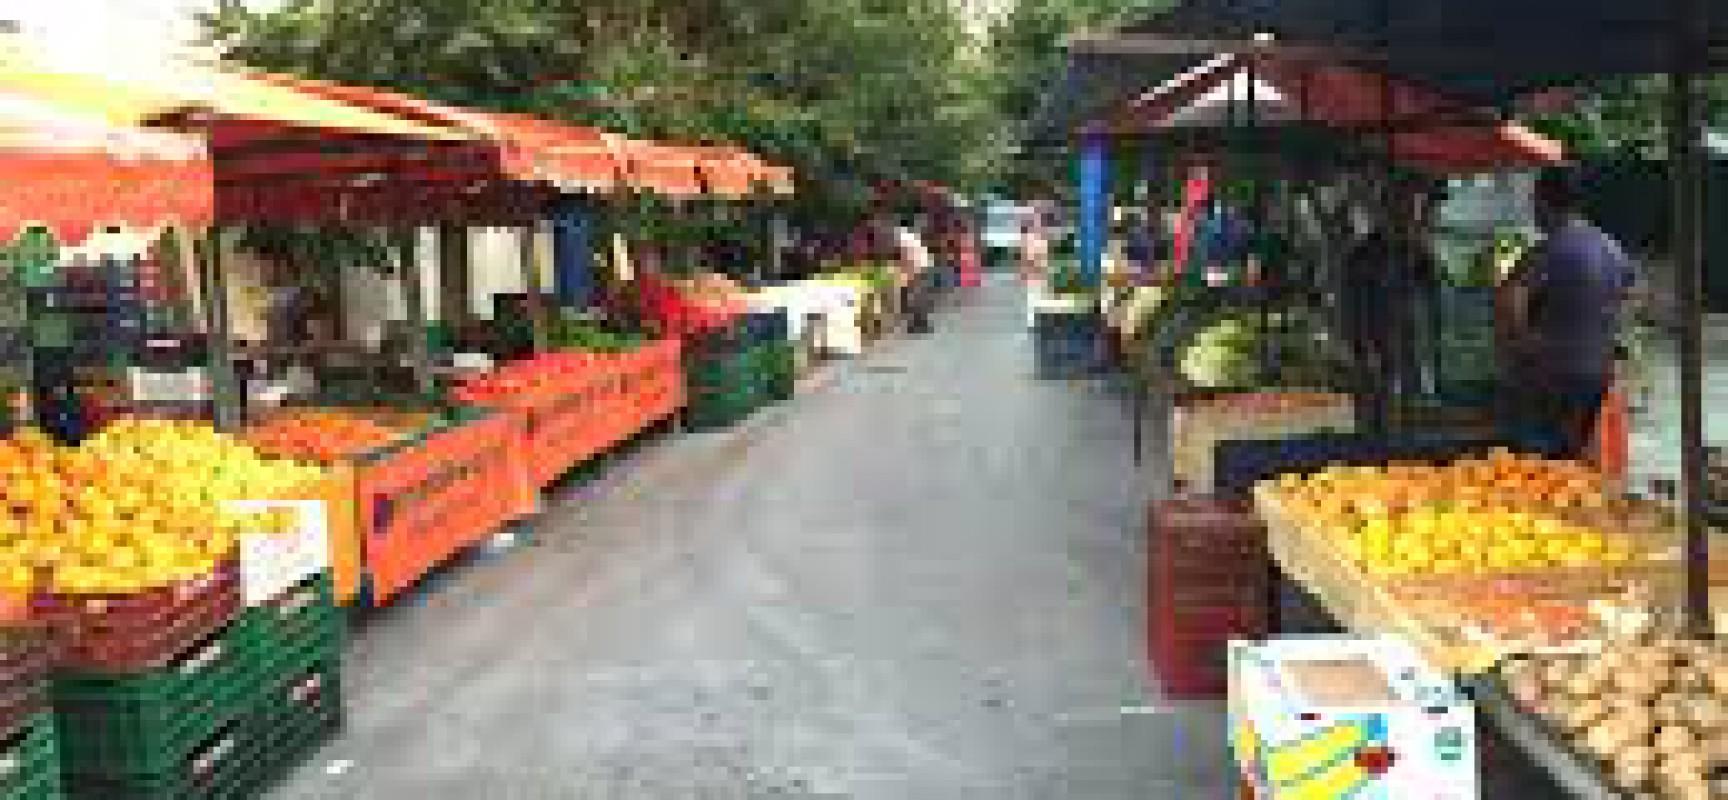 Ανανέωση αδειών επαγγελματιών πωλητών λαϊκών αγορών και επαγγελματικών αδειών στάσιμου και πλανόδιου εμπορίου